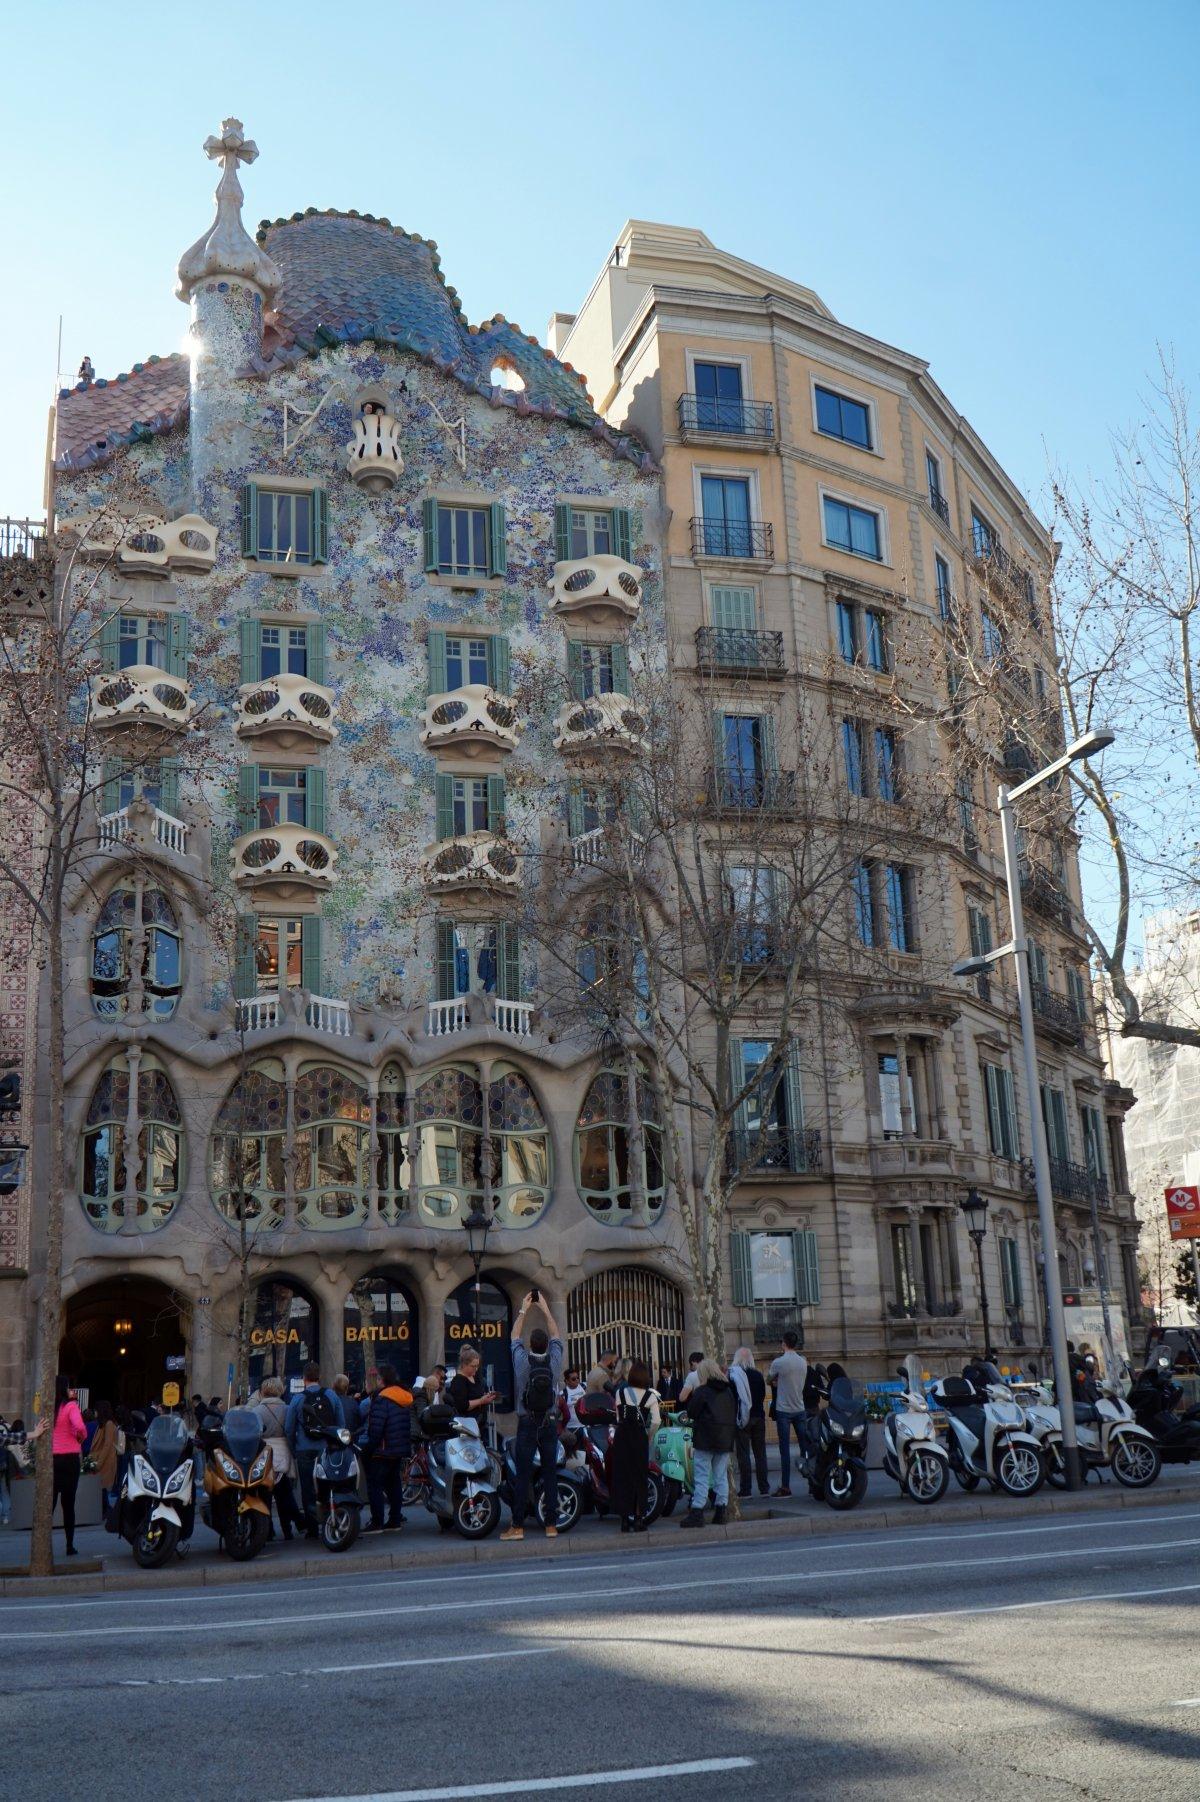 A Casa Batlló, Gaudi egyik híres alkotása •  Fotó: Deák Szidónia